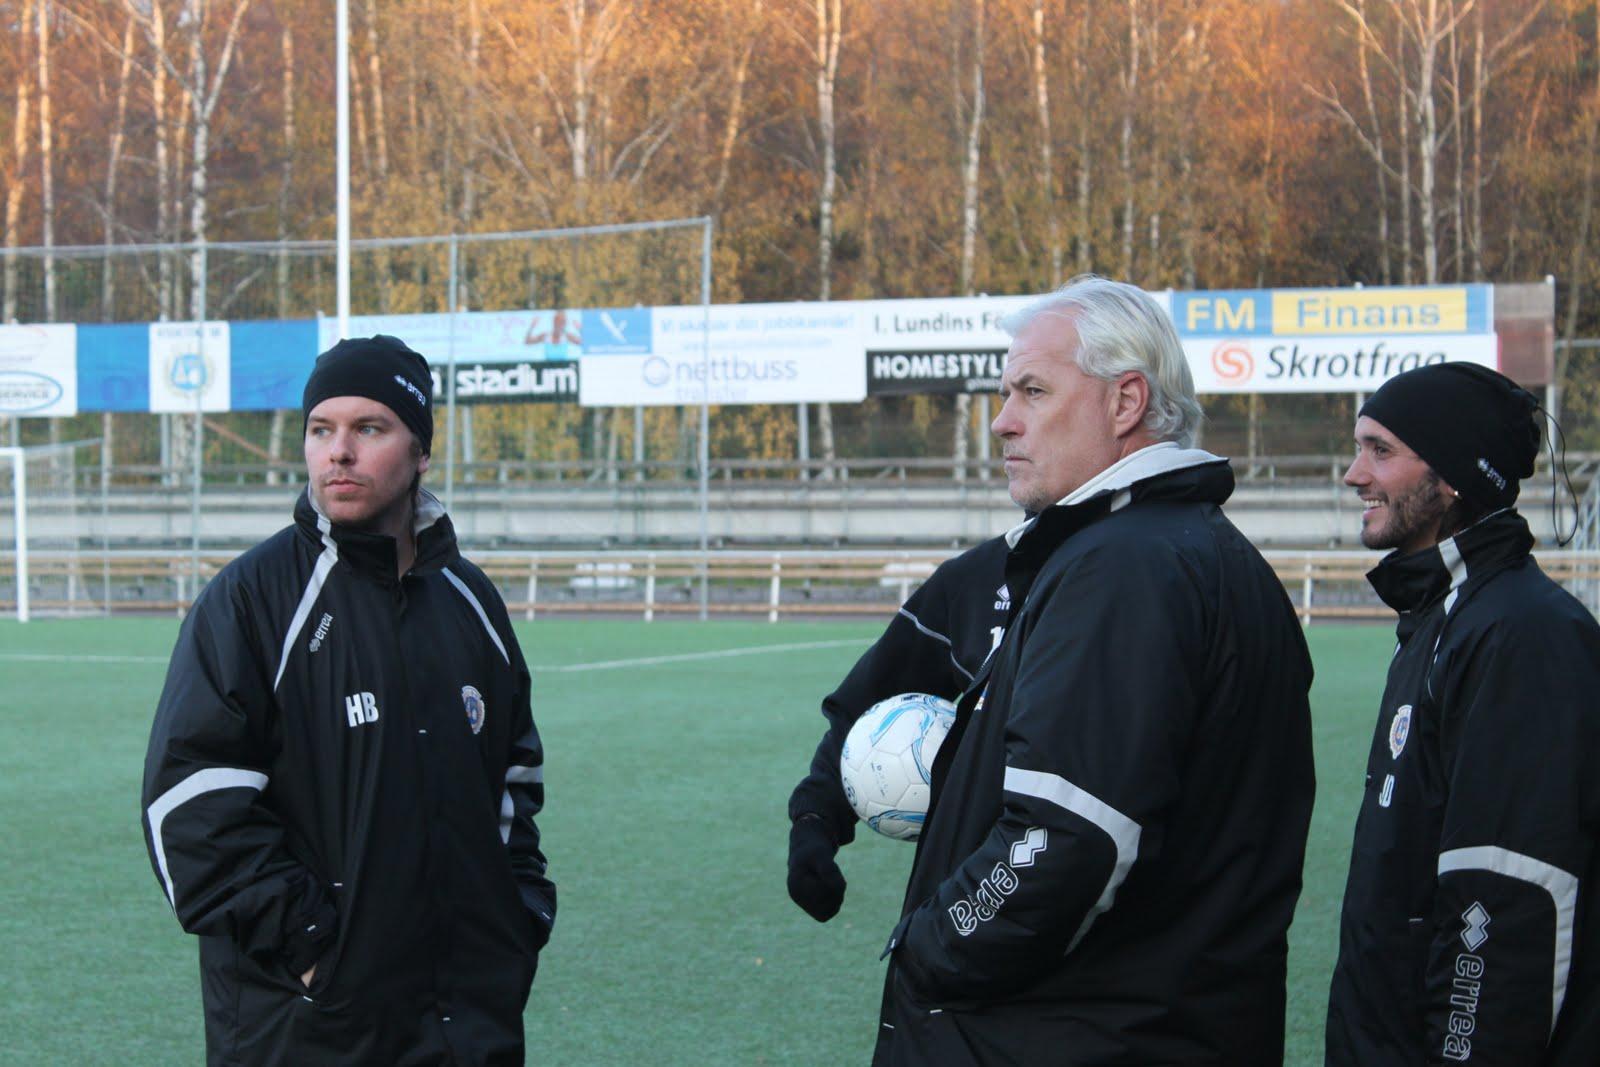 Peter esterhazy spelade i division 4 3